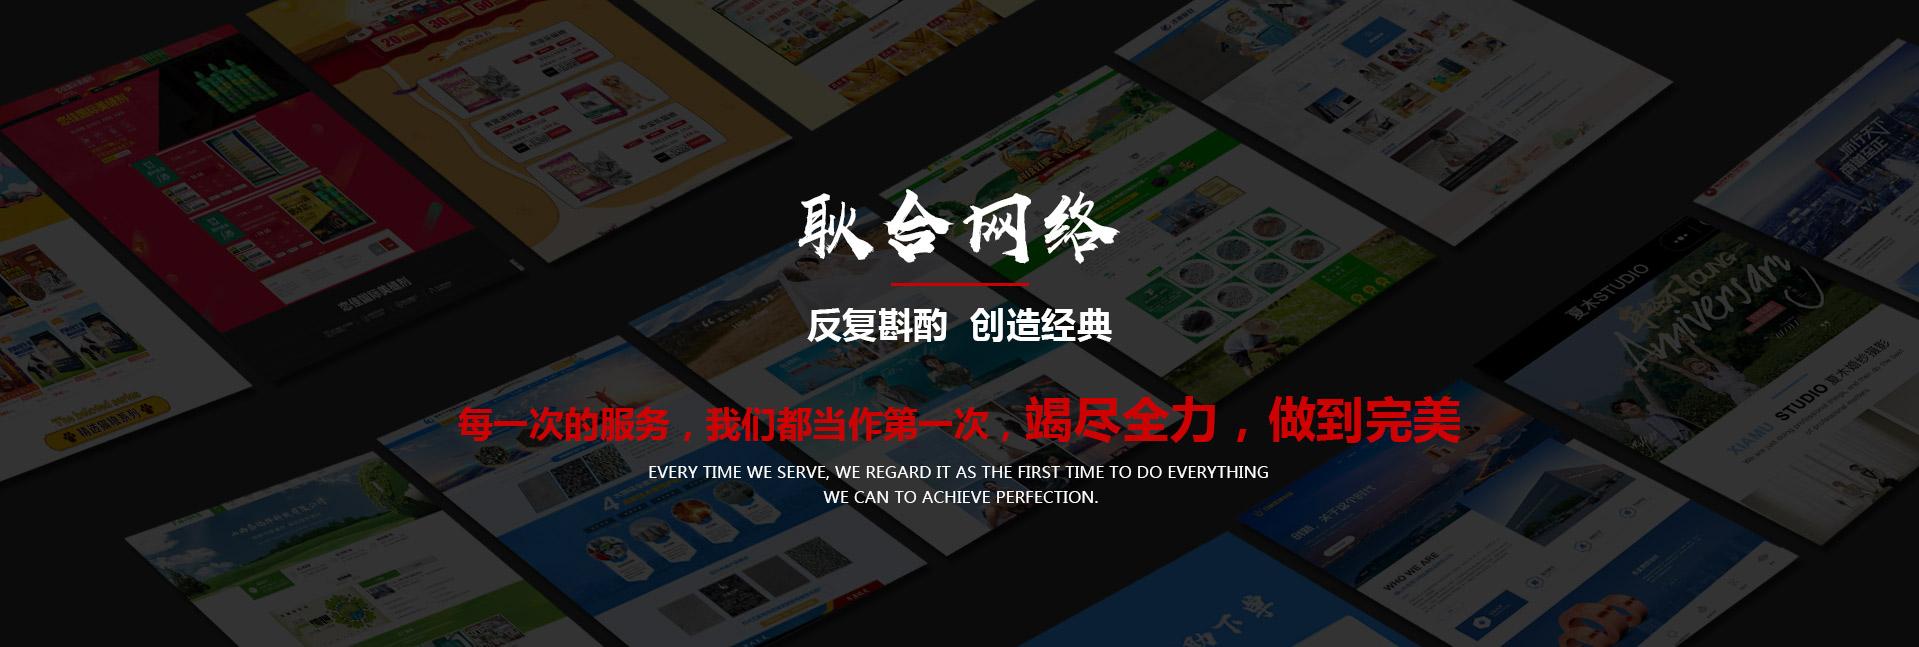 网站建设及优化